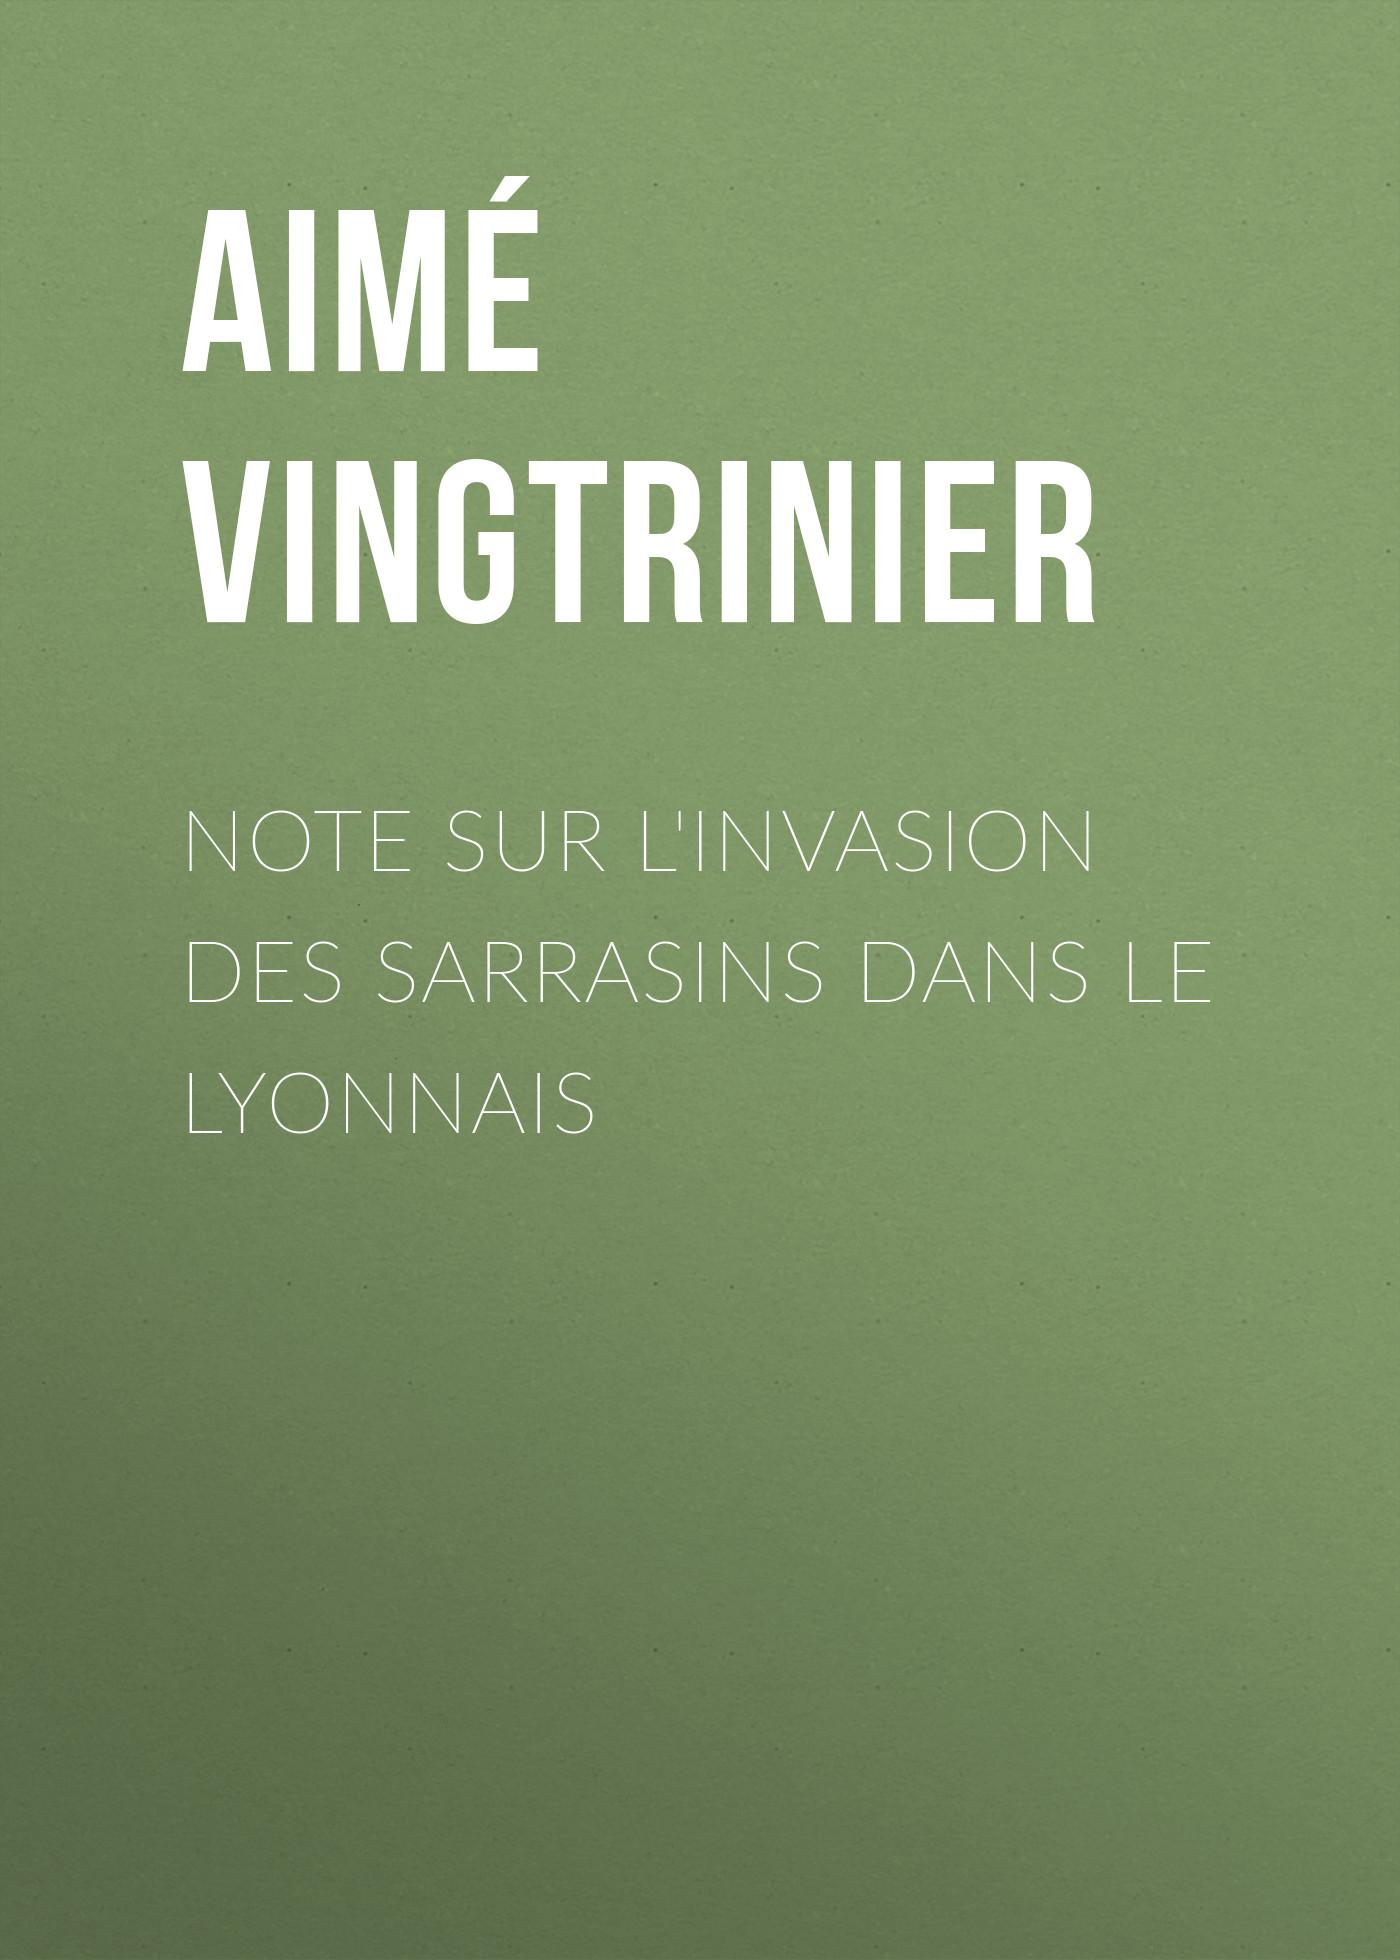 Aimé Vingtrinier Note sur l'invasion des Sarrasins dans le Lyonnais